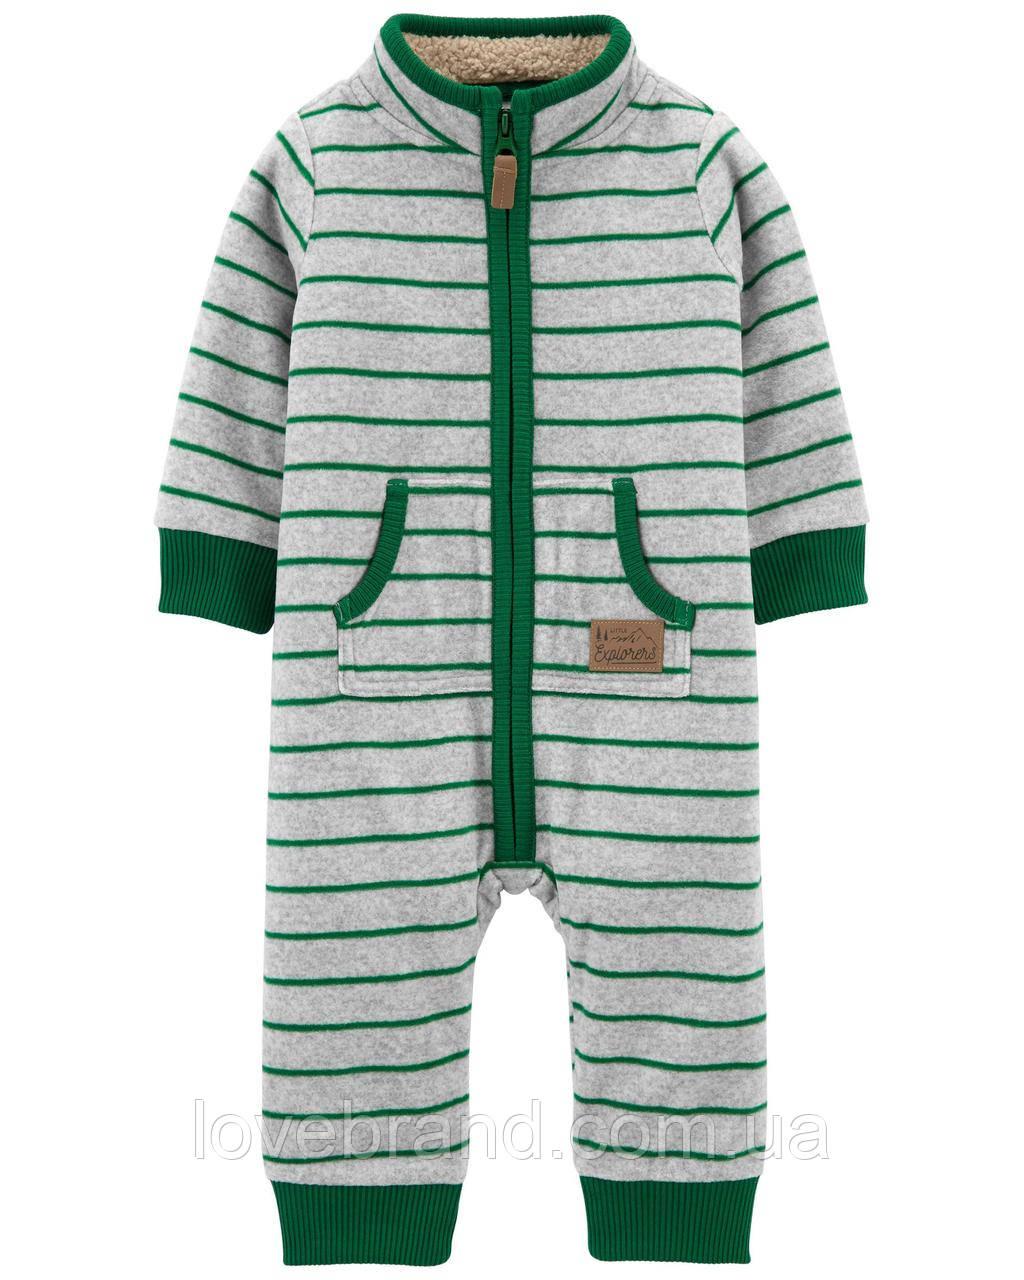 Флисовый комбинезон Carter's для мальчика зеленый с утепленным воротником